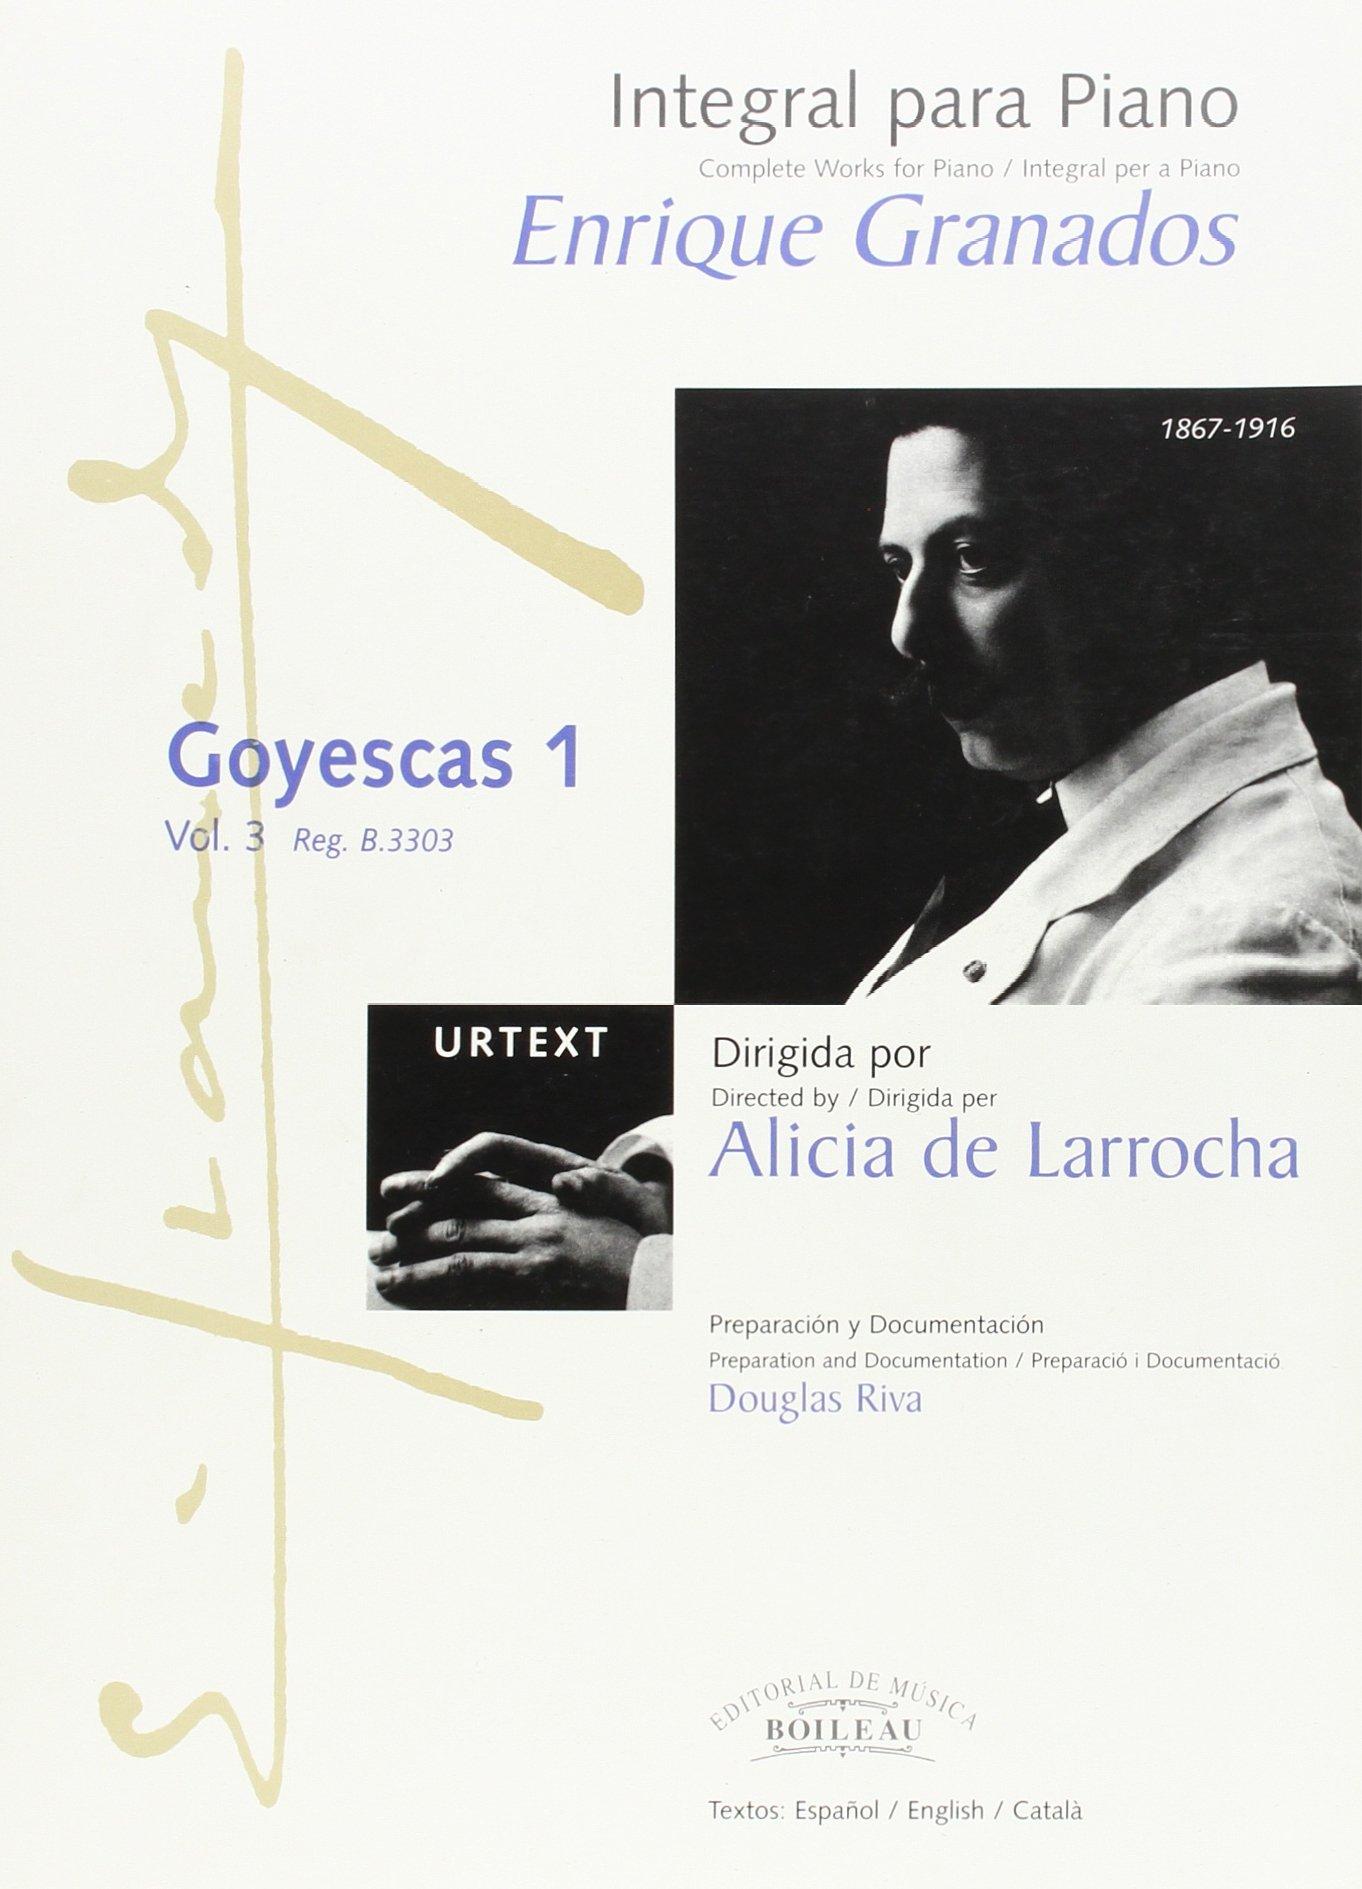 Integral para piano Enrique Granados: Goyescas 1 - B.3303: Amazon.es: Enric GRANADOS: Libros